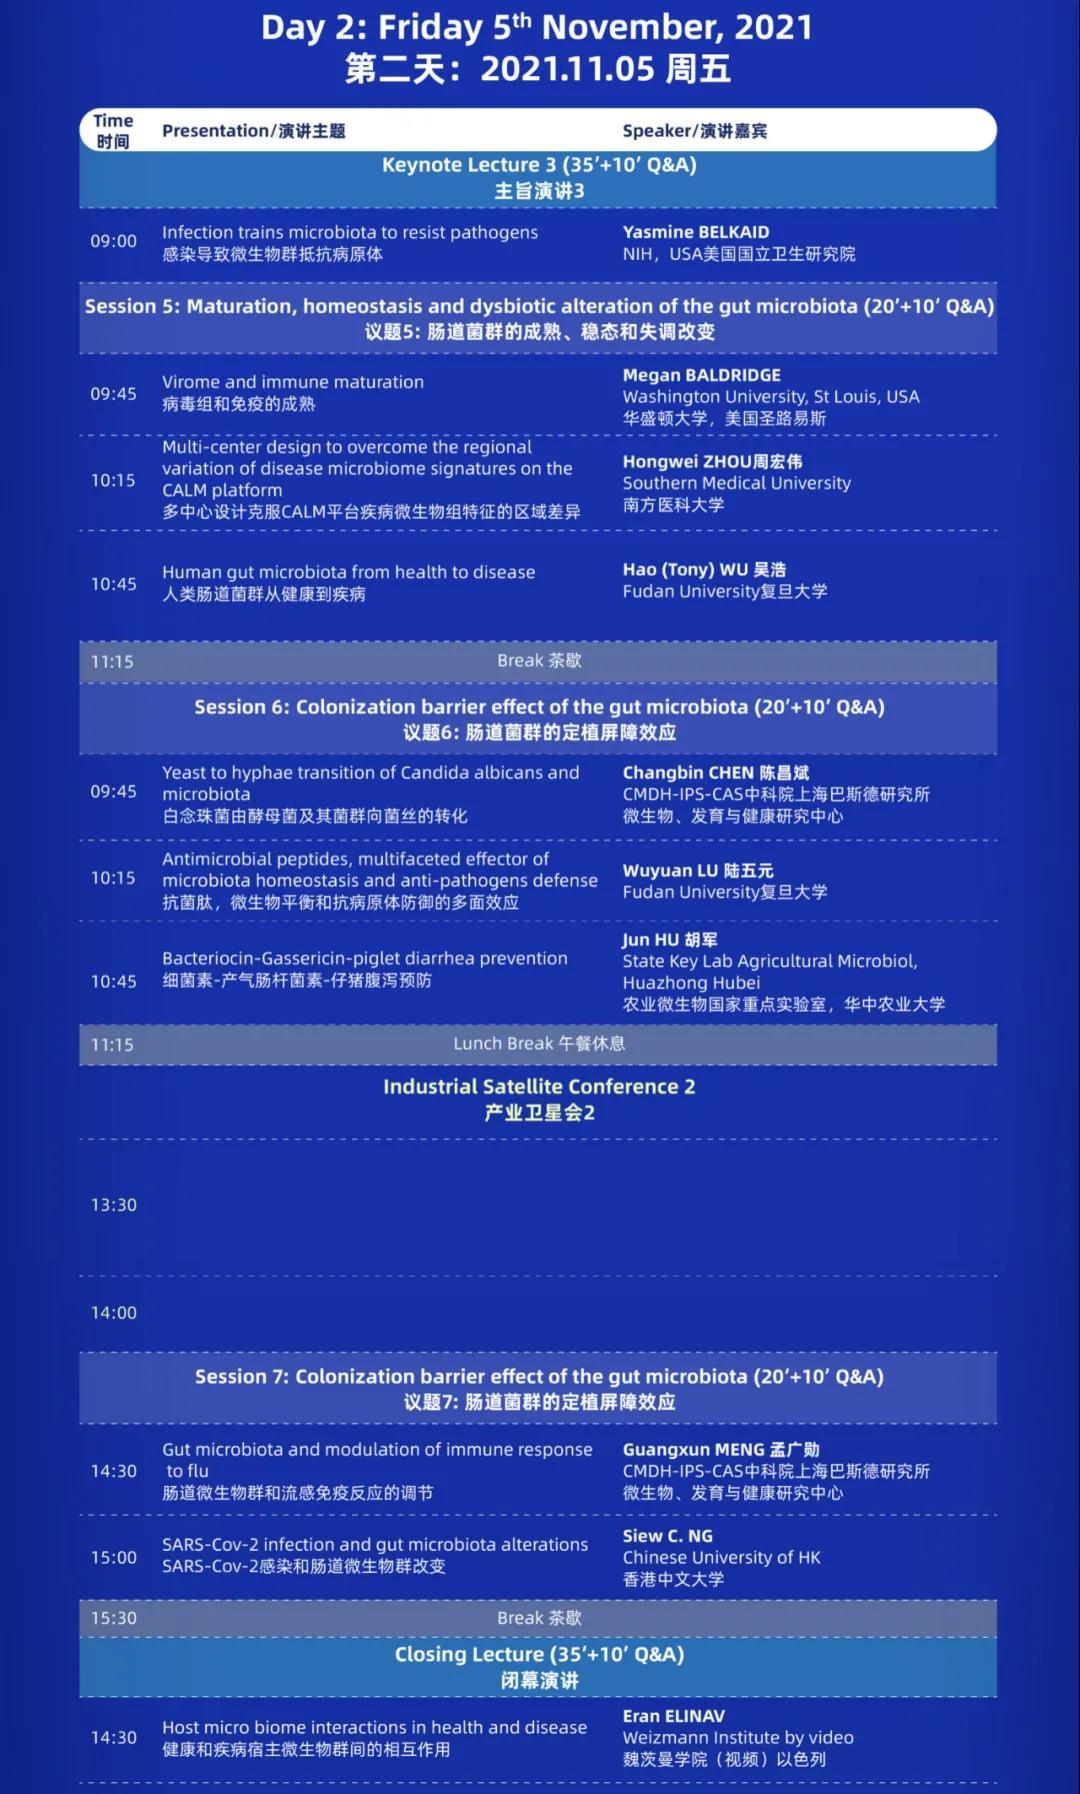 2021(首届)微生态科学-从疾病到健康国际研讨会暨2021(第七届)肠道微生态与健康国际研讨会